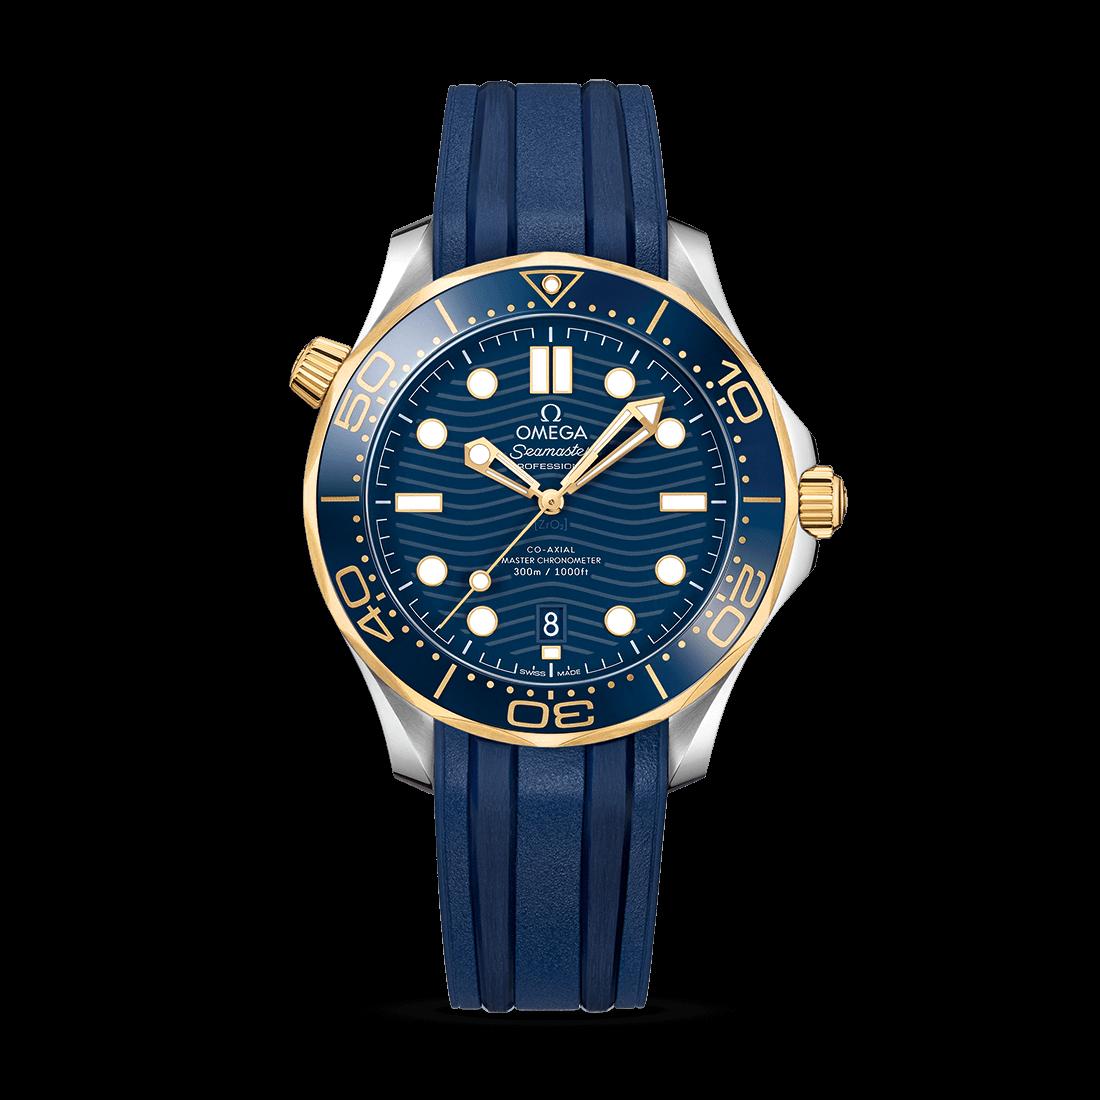 Orologio Omega Seamaster Diver 300M Co-Axial Master Chronometer con Oro Sedna